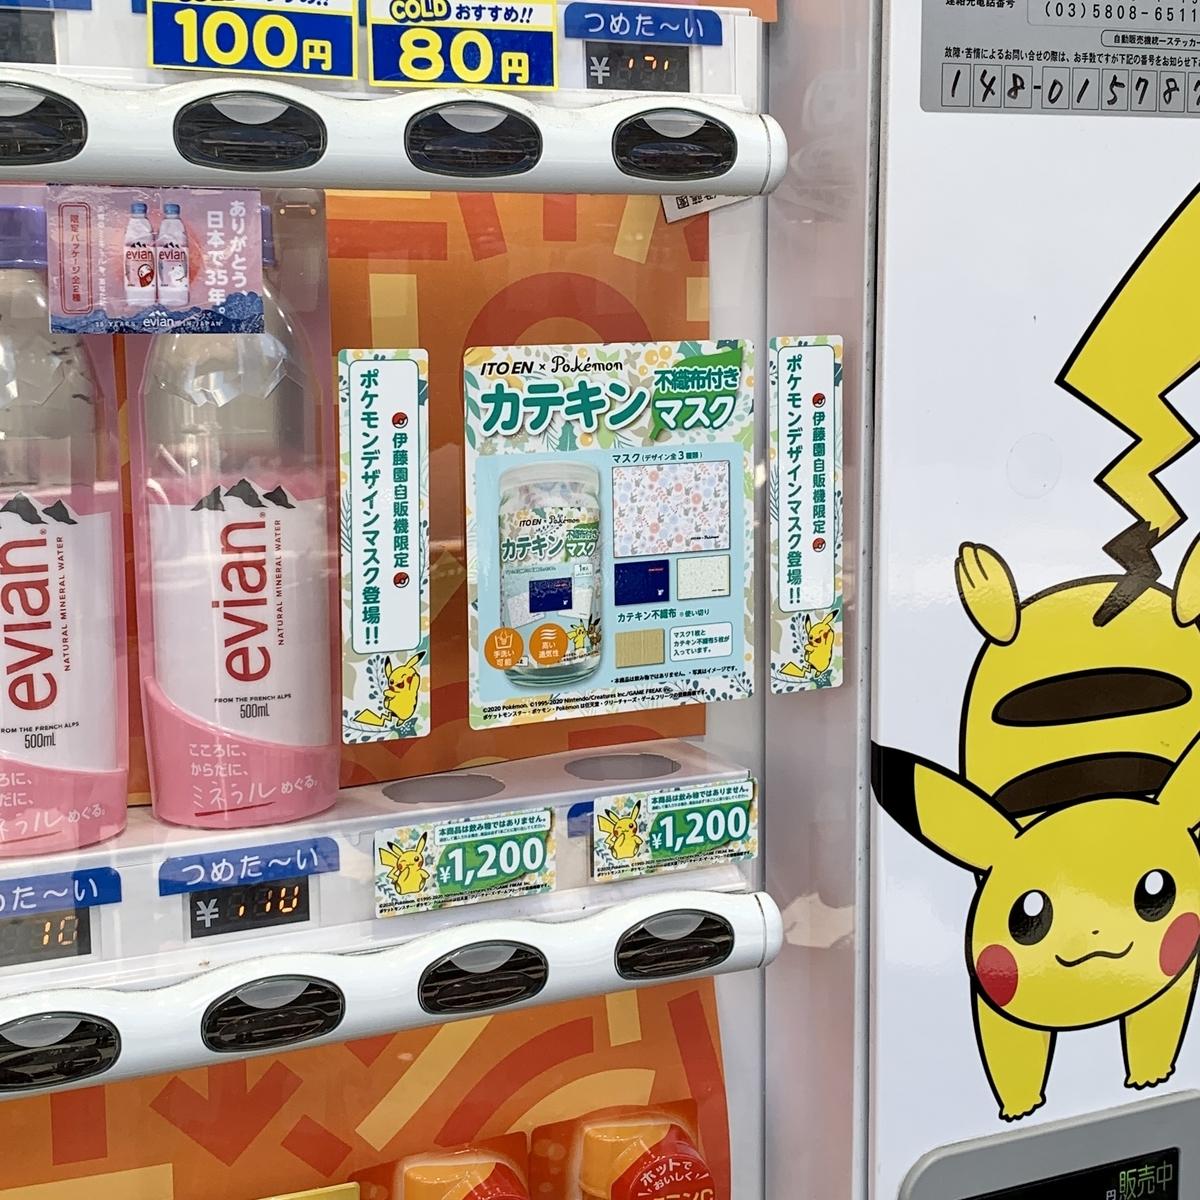 f:id:pikachu_pcn:20201121214826j:plain